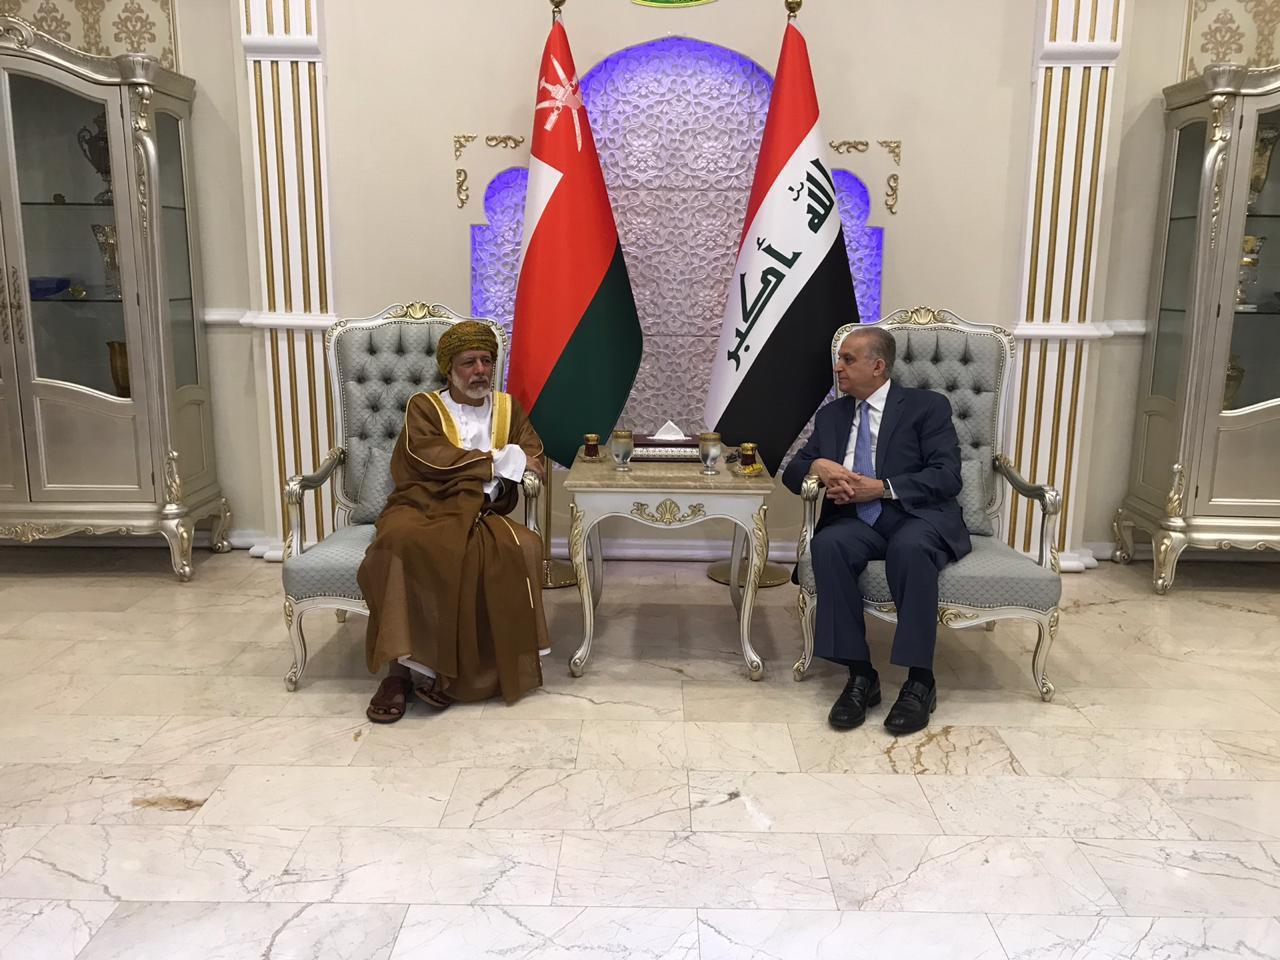 وزير الخارجية العماني يصل الى العراق في زيارة رسمية